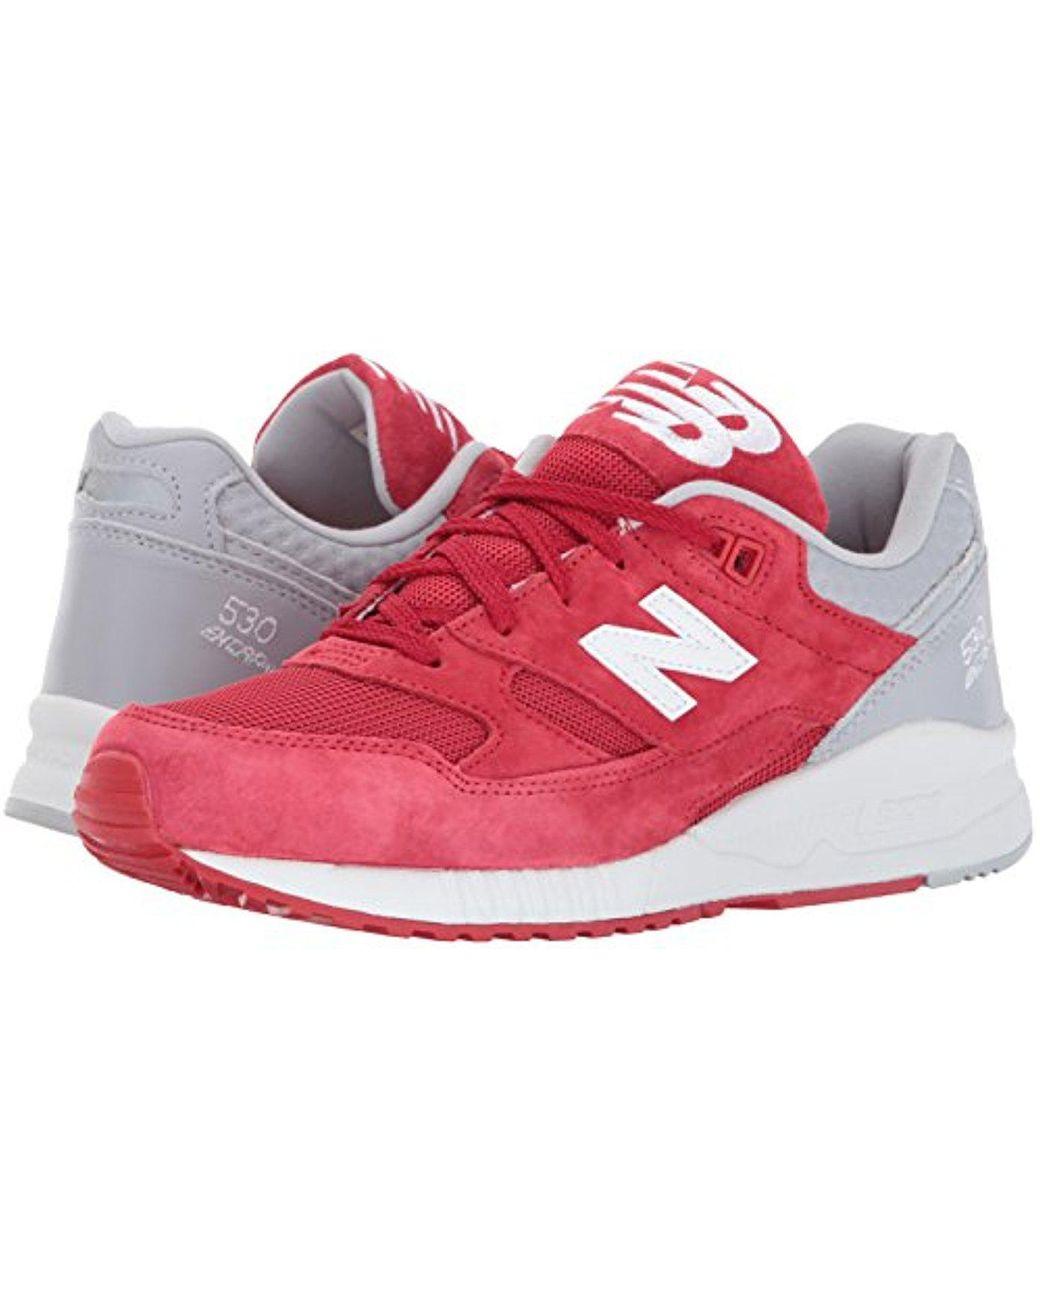 excepcional gama de estilos y colores vende tienda de descuento New Balance Rubber M530 Trainers in Red/Grey (Red) for Men - Save ...